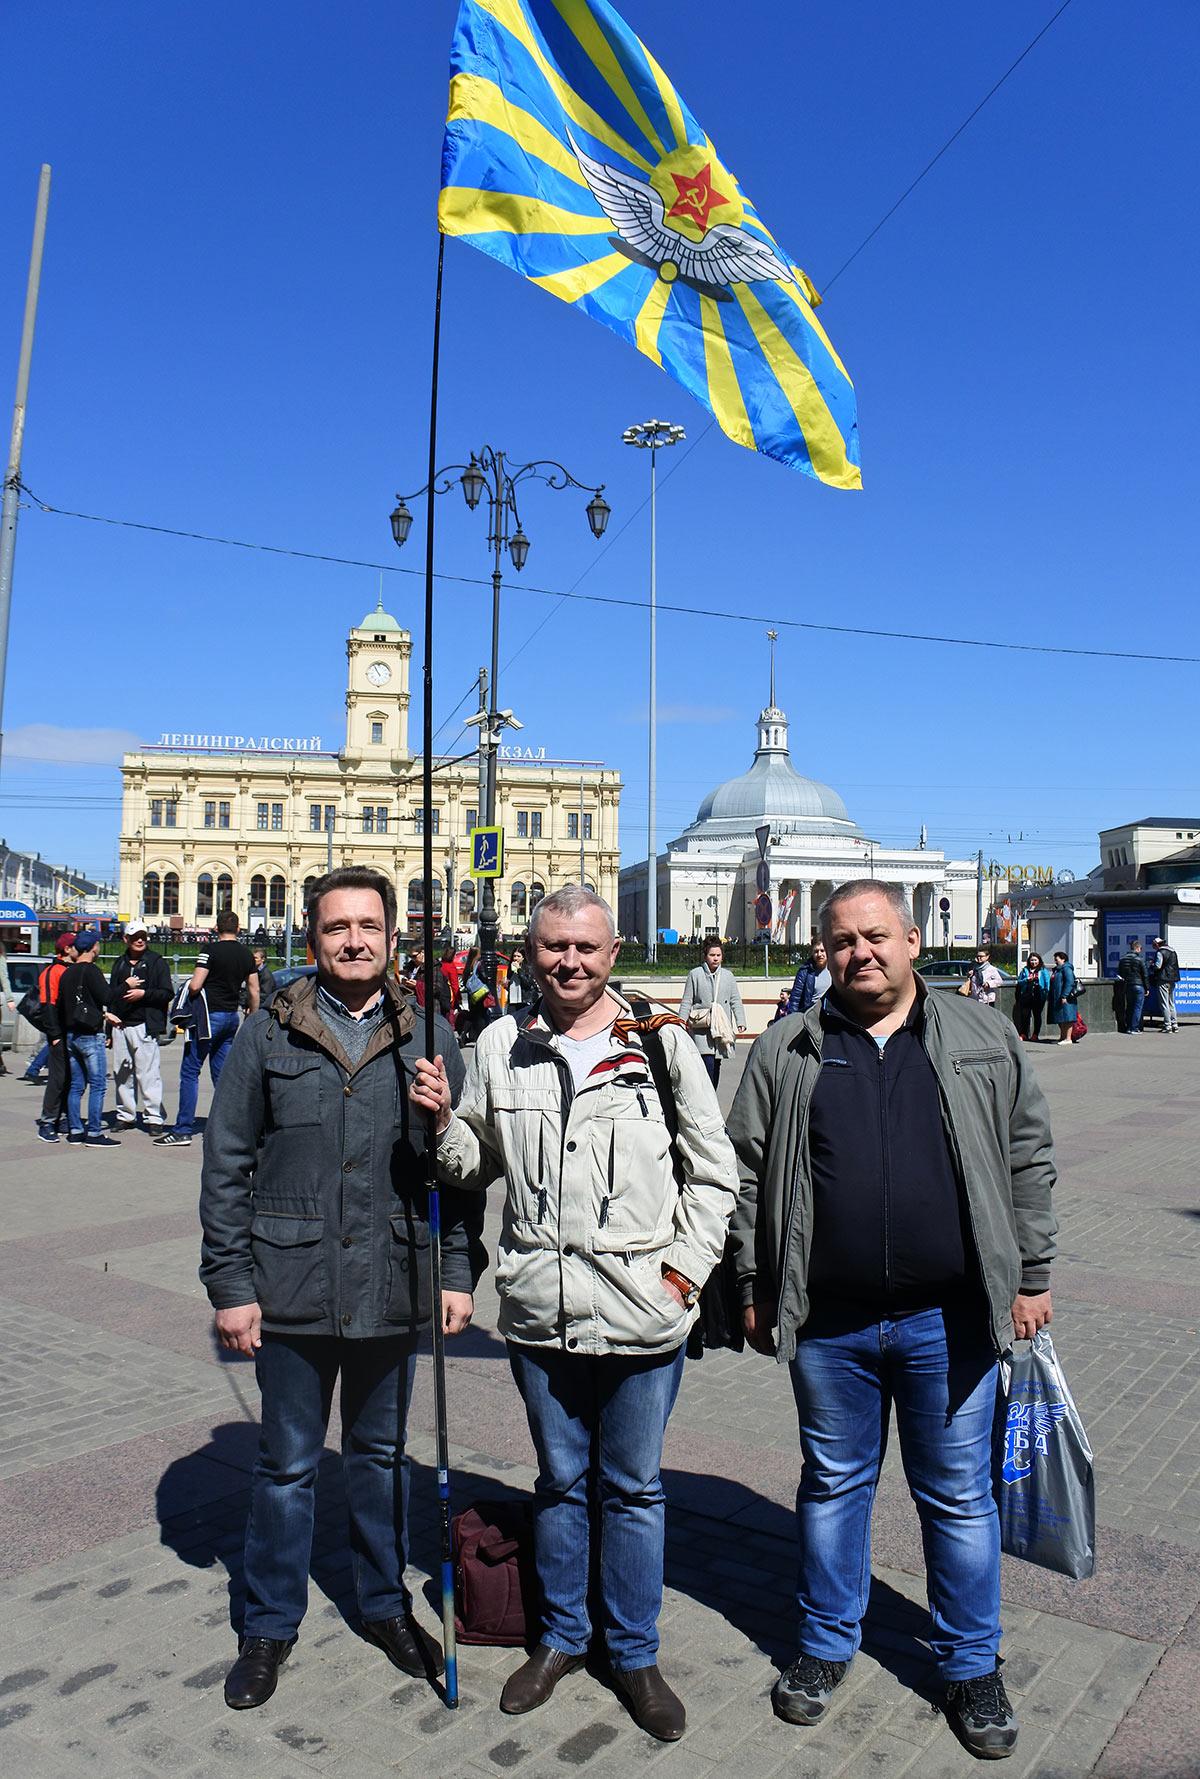 Самые первые к месту встречи подошли: Эдик Прялухин и Саша Епифанов